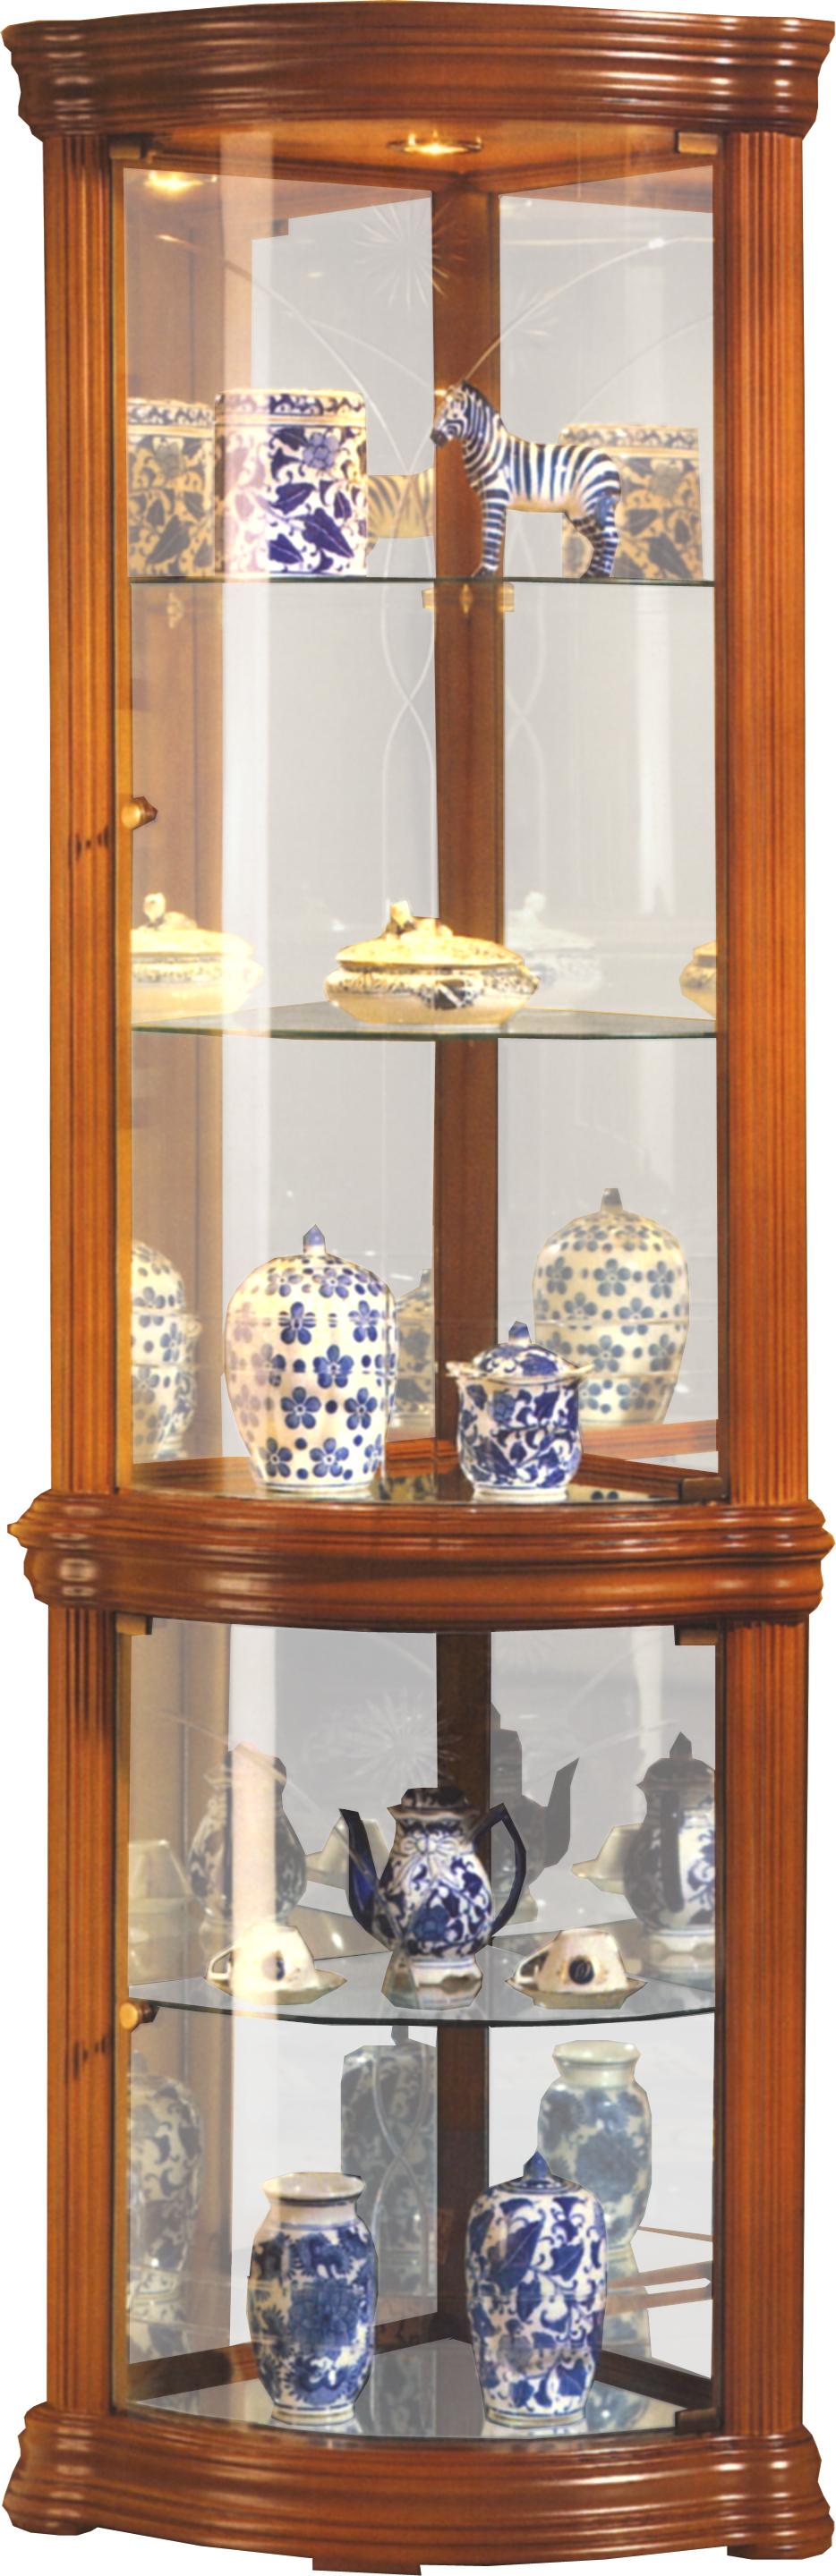 vitrine en verre trouvez les meilleurs prix avec le guide kibodio. Black Bedroom Furniture Sets. Home Design Ideas